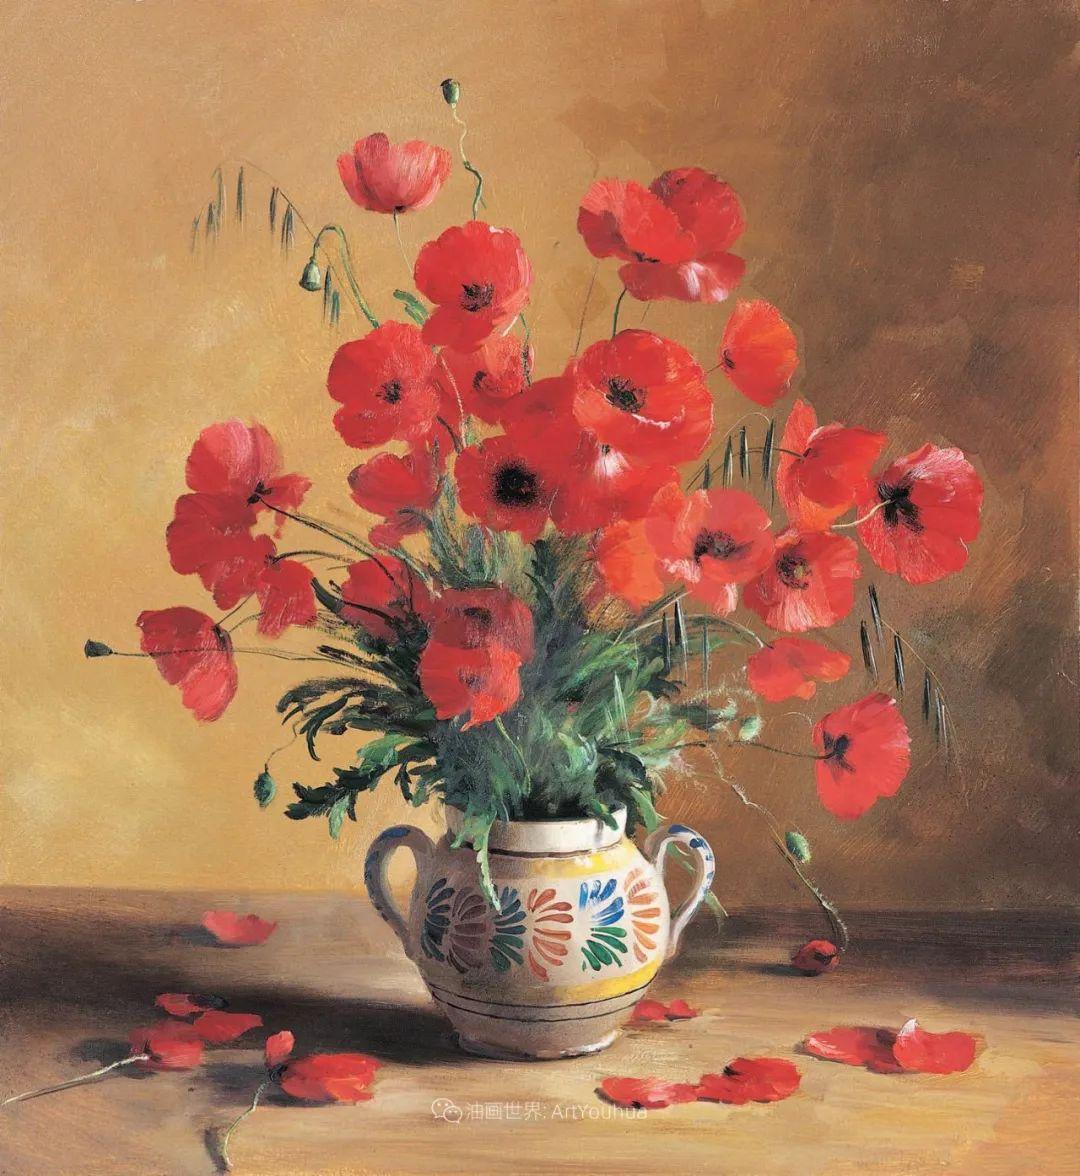 花香袭人,绚丽多彩!俄罗斯画家谢尔盖·图图诺夫插图45